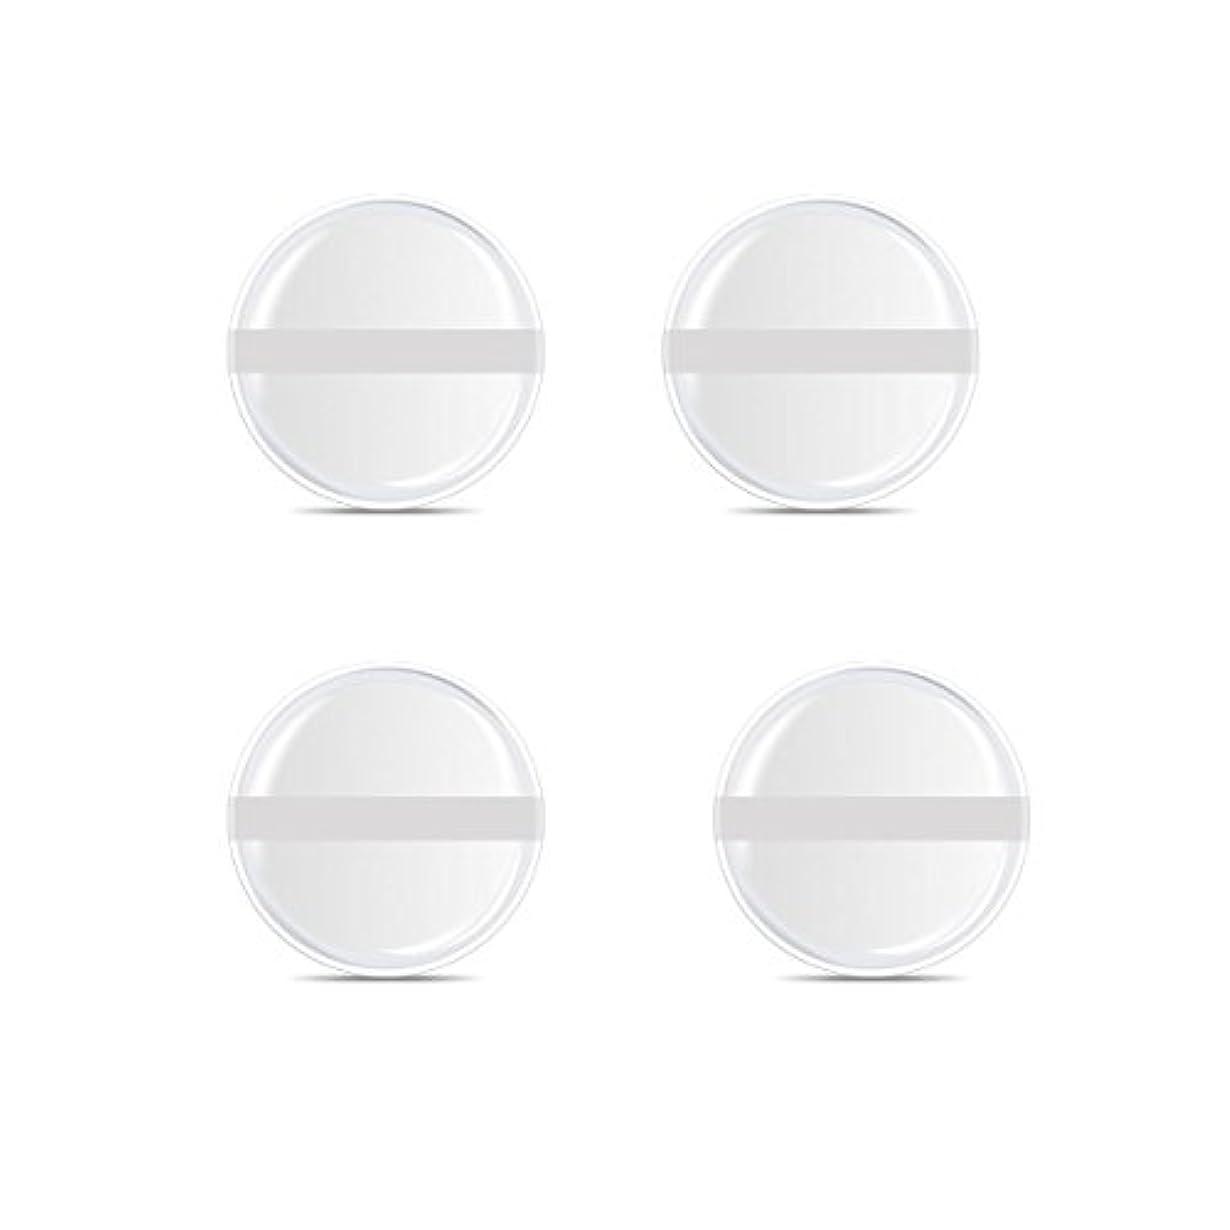 してはいけません密接に太字シリコンパフ 帯付き メイクスポンジ ゲルパフ ゼリーパフ 清潔しやすい衛生 柔らかく 透明な 4枚入 (円形 4入り)